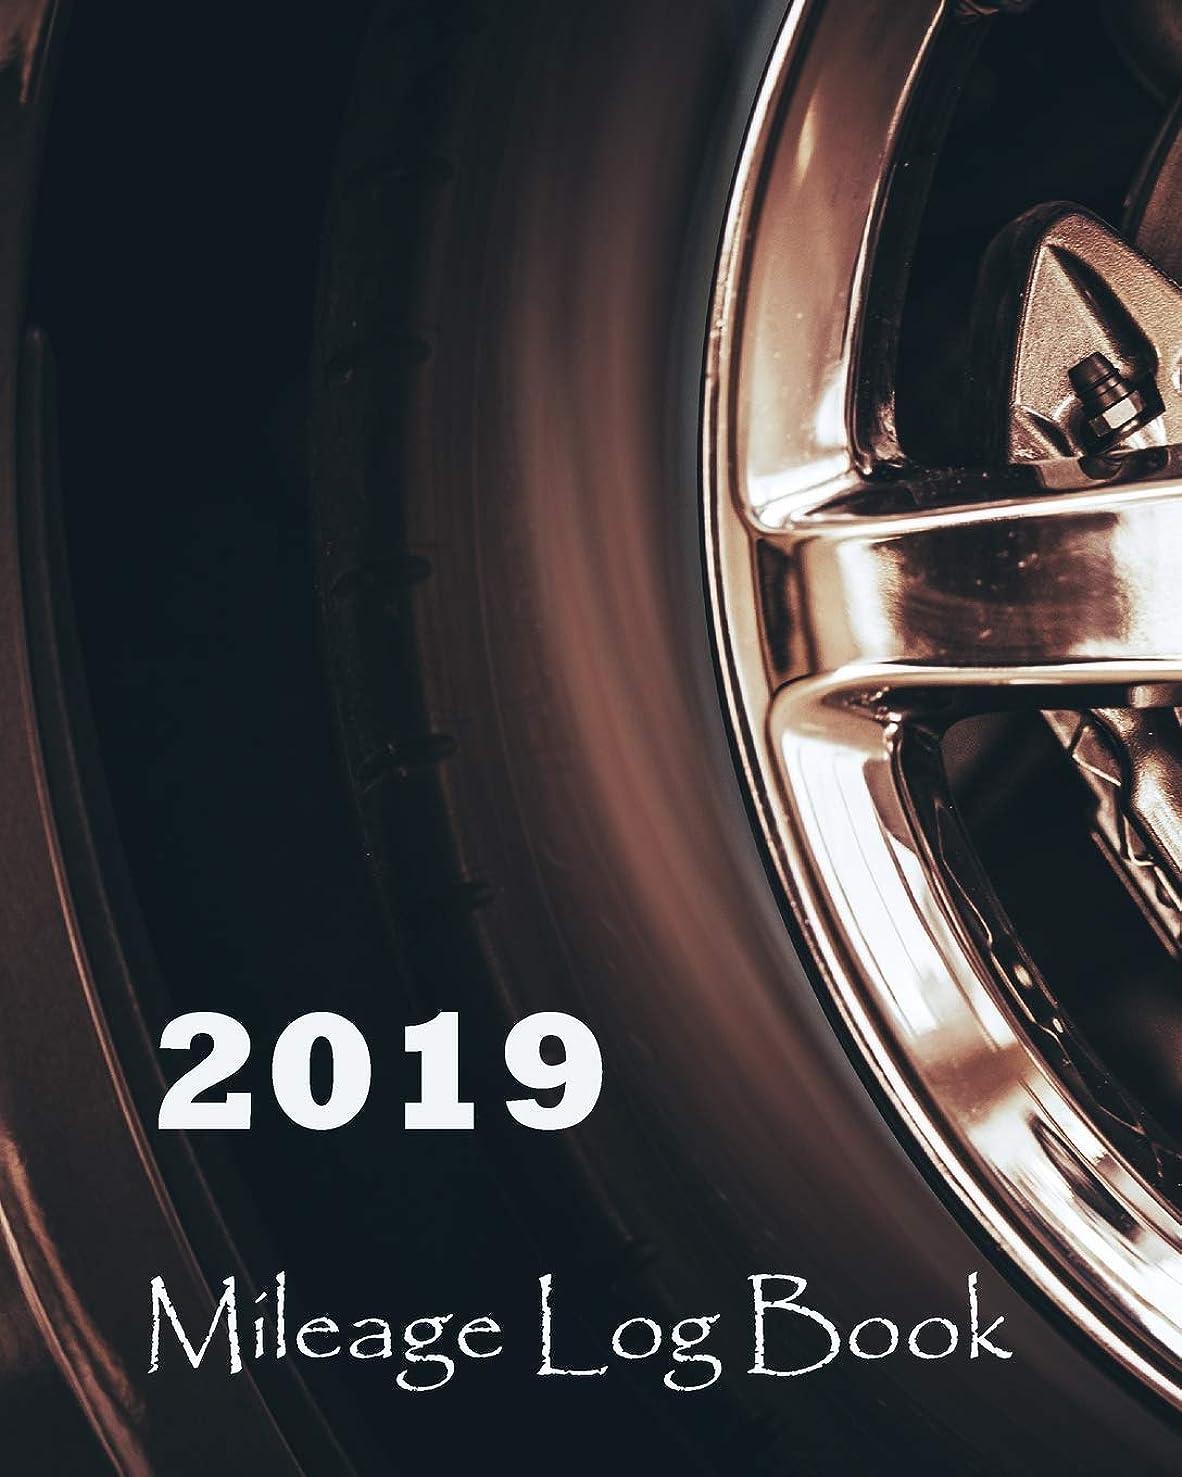 ラダはちみつ廃止する2019 Mileage Log book: Beautiful Tire Cover, Tracking Your Daily Miles, Vehicle Mileage for Small Business Taxes, Expense Management 8